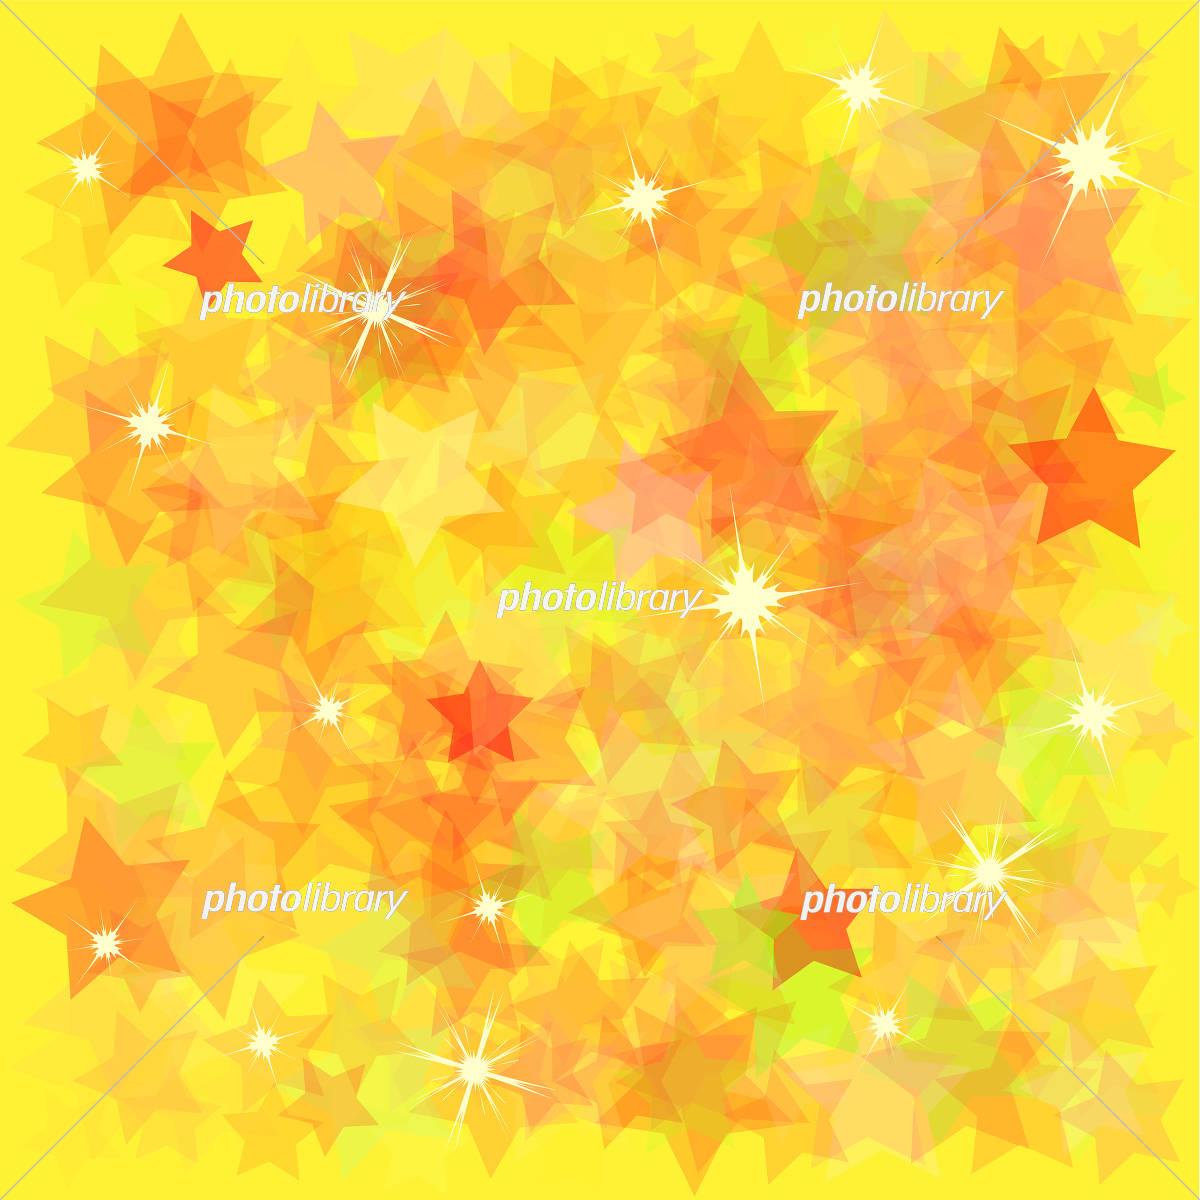 星 背景素材 黄色 イラスト素材 [ 5511885 ] - フォトライブラリー